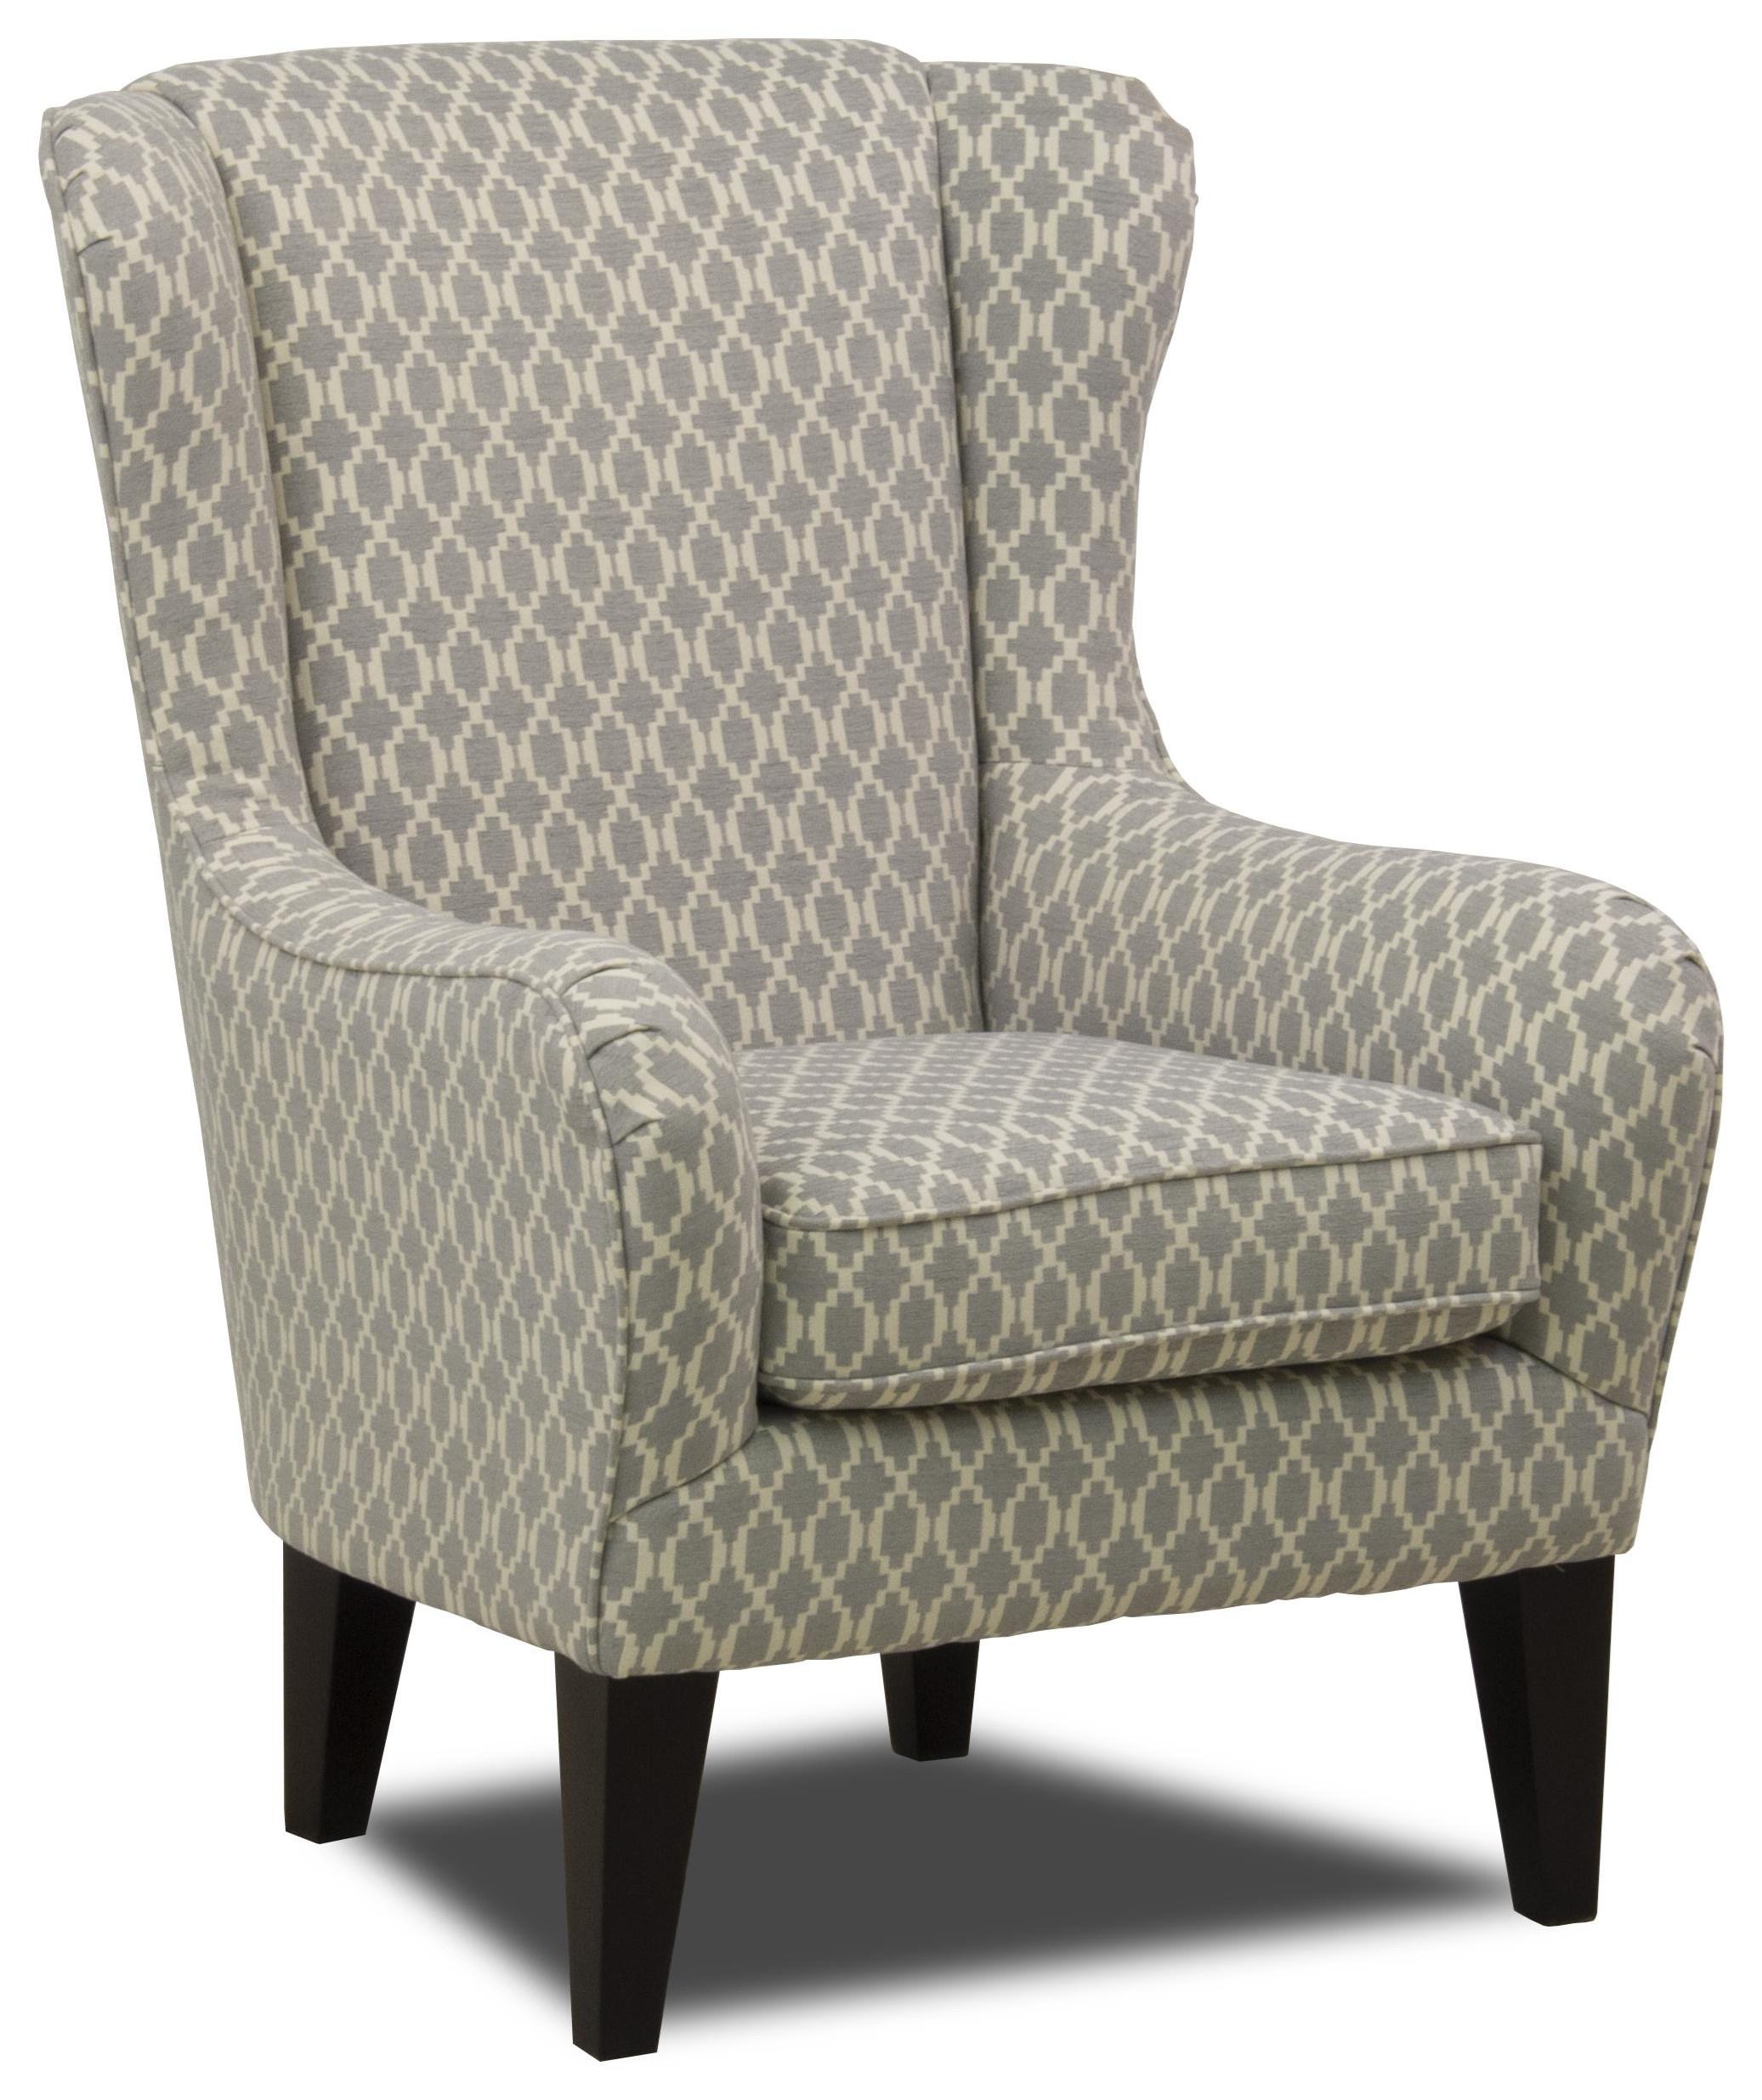 Club Chairs Lorette Club Chair at Ruby Gordon Home